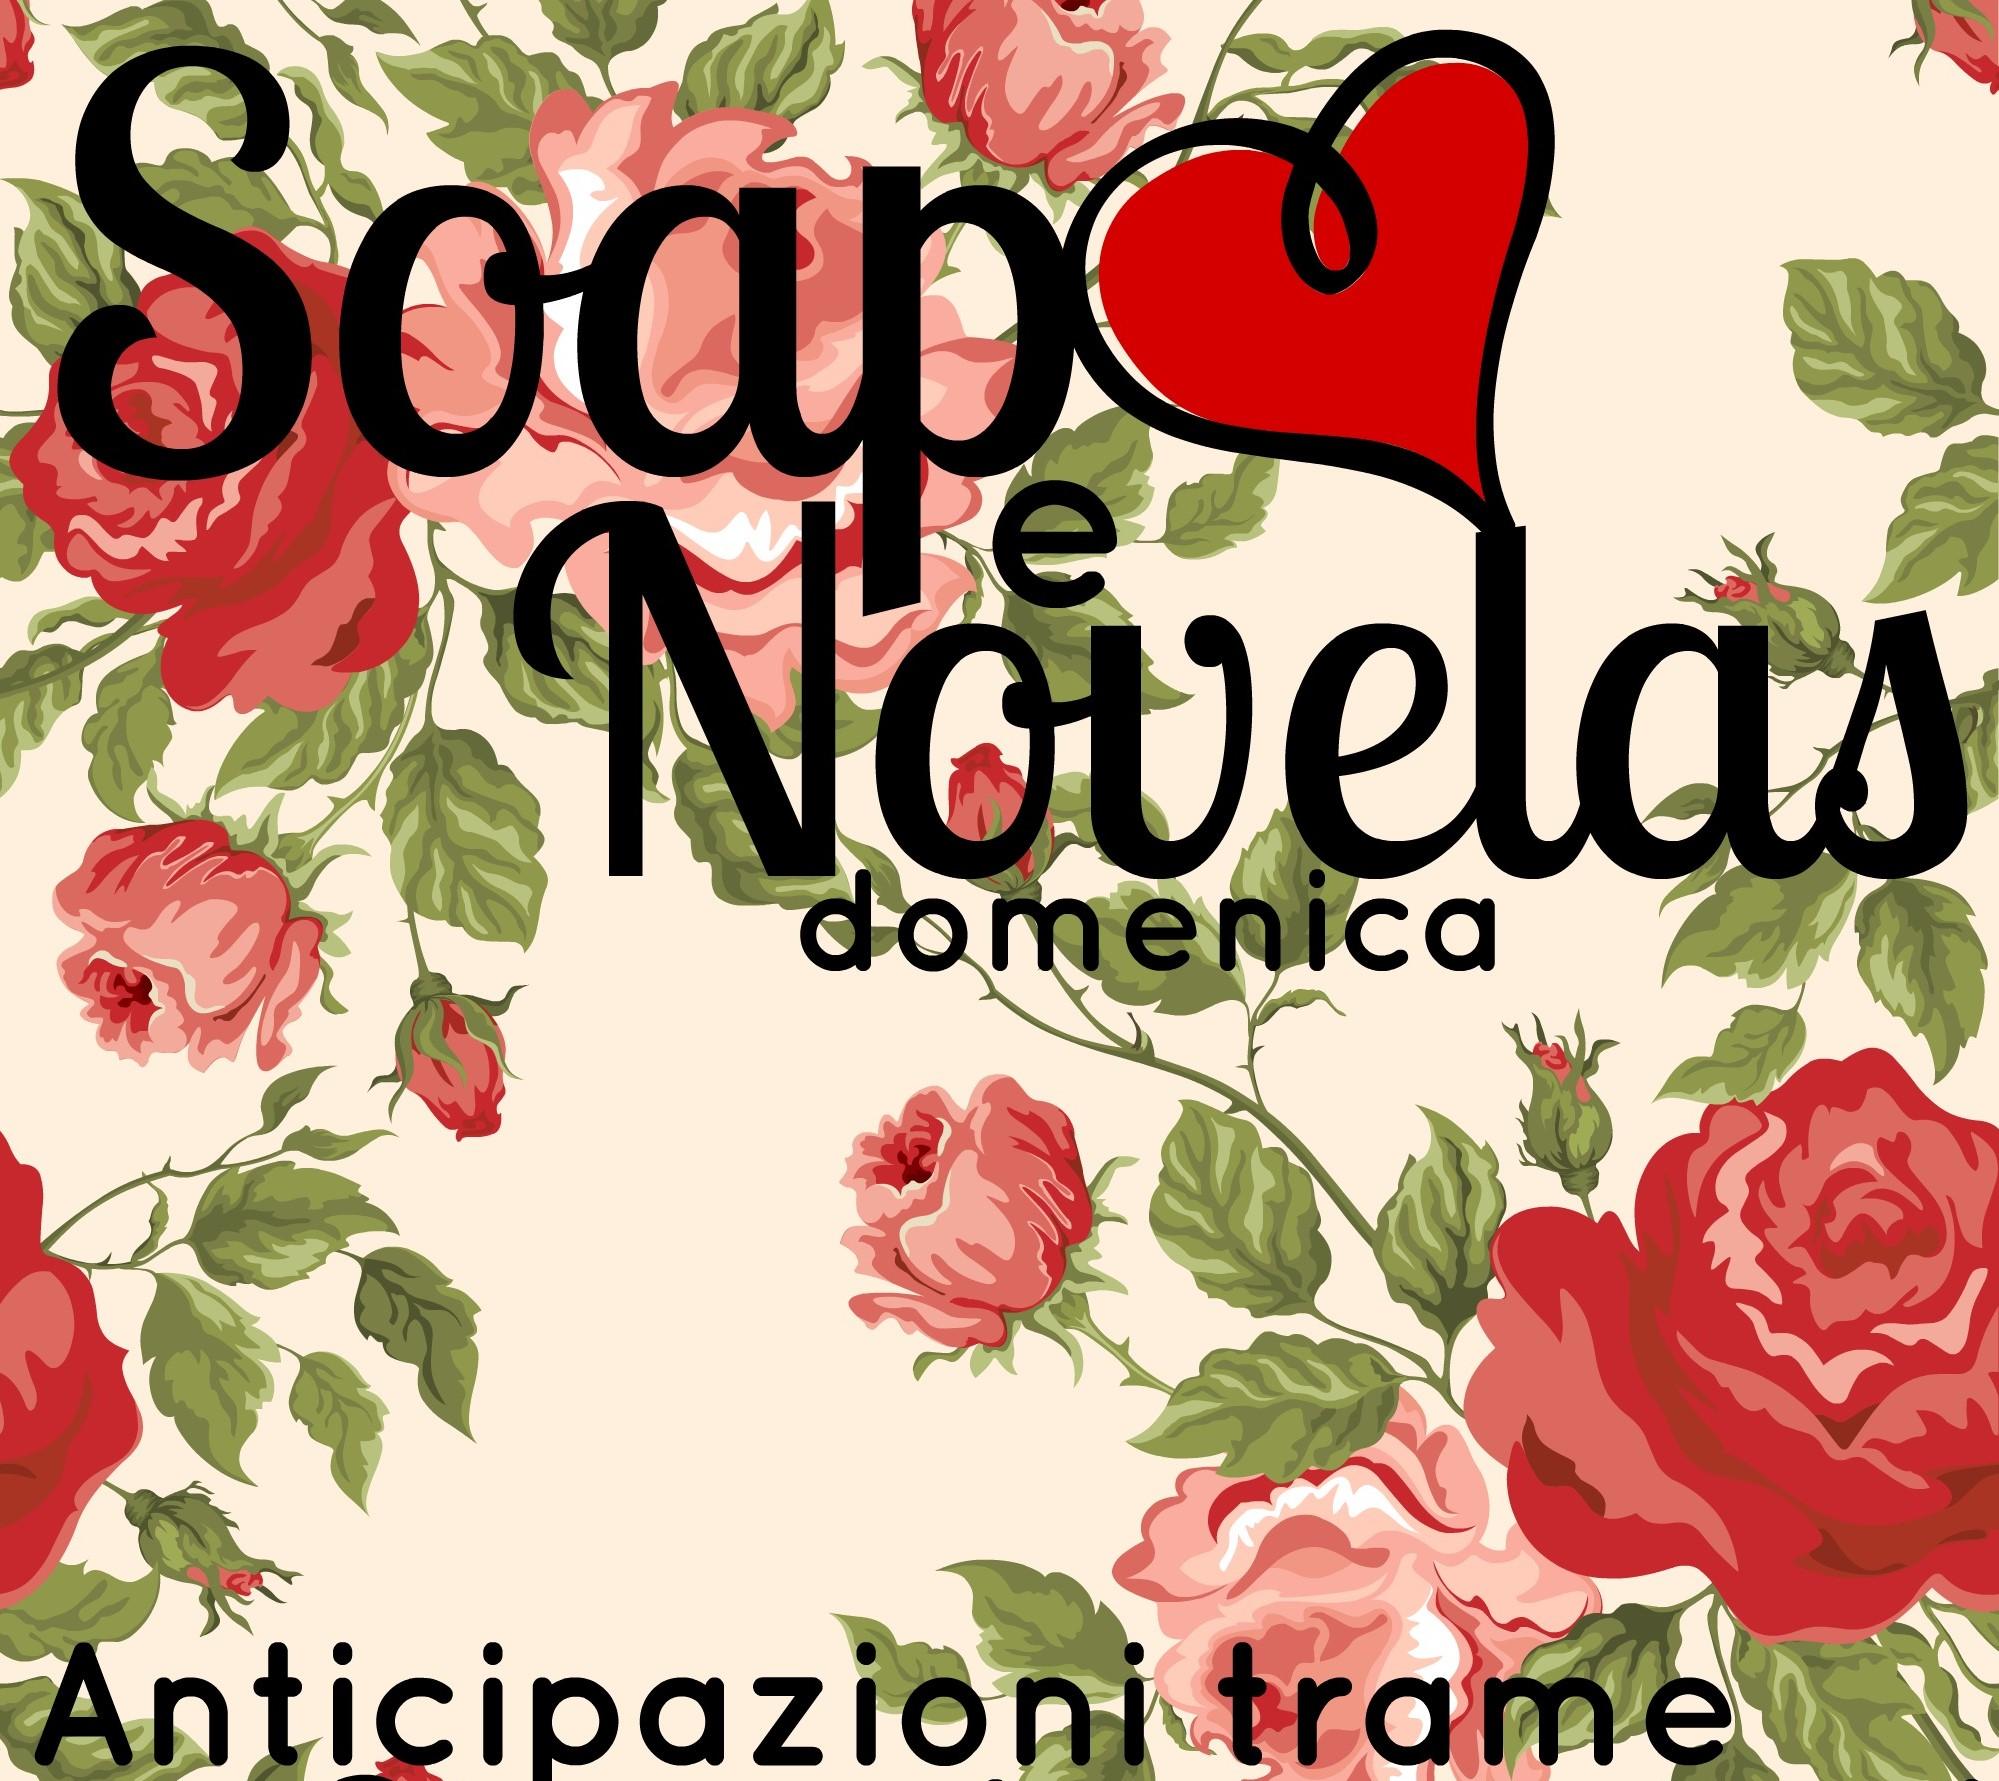 SOAP&NOVELAS | ANTICIPAZIONI TRAME DAL 9 AL 14 FEBBRAIO 2015: BEAUTIFUL, IL SEGRETO, TEMPESTA D'AMORE, CENTOVETRINE, UN POSTO AL SOLE